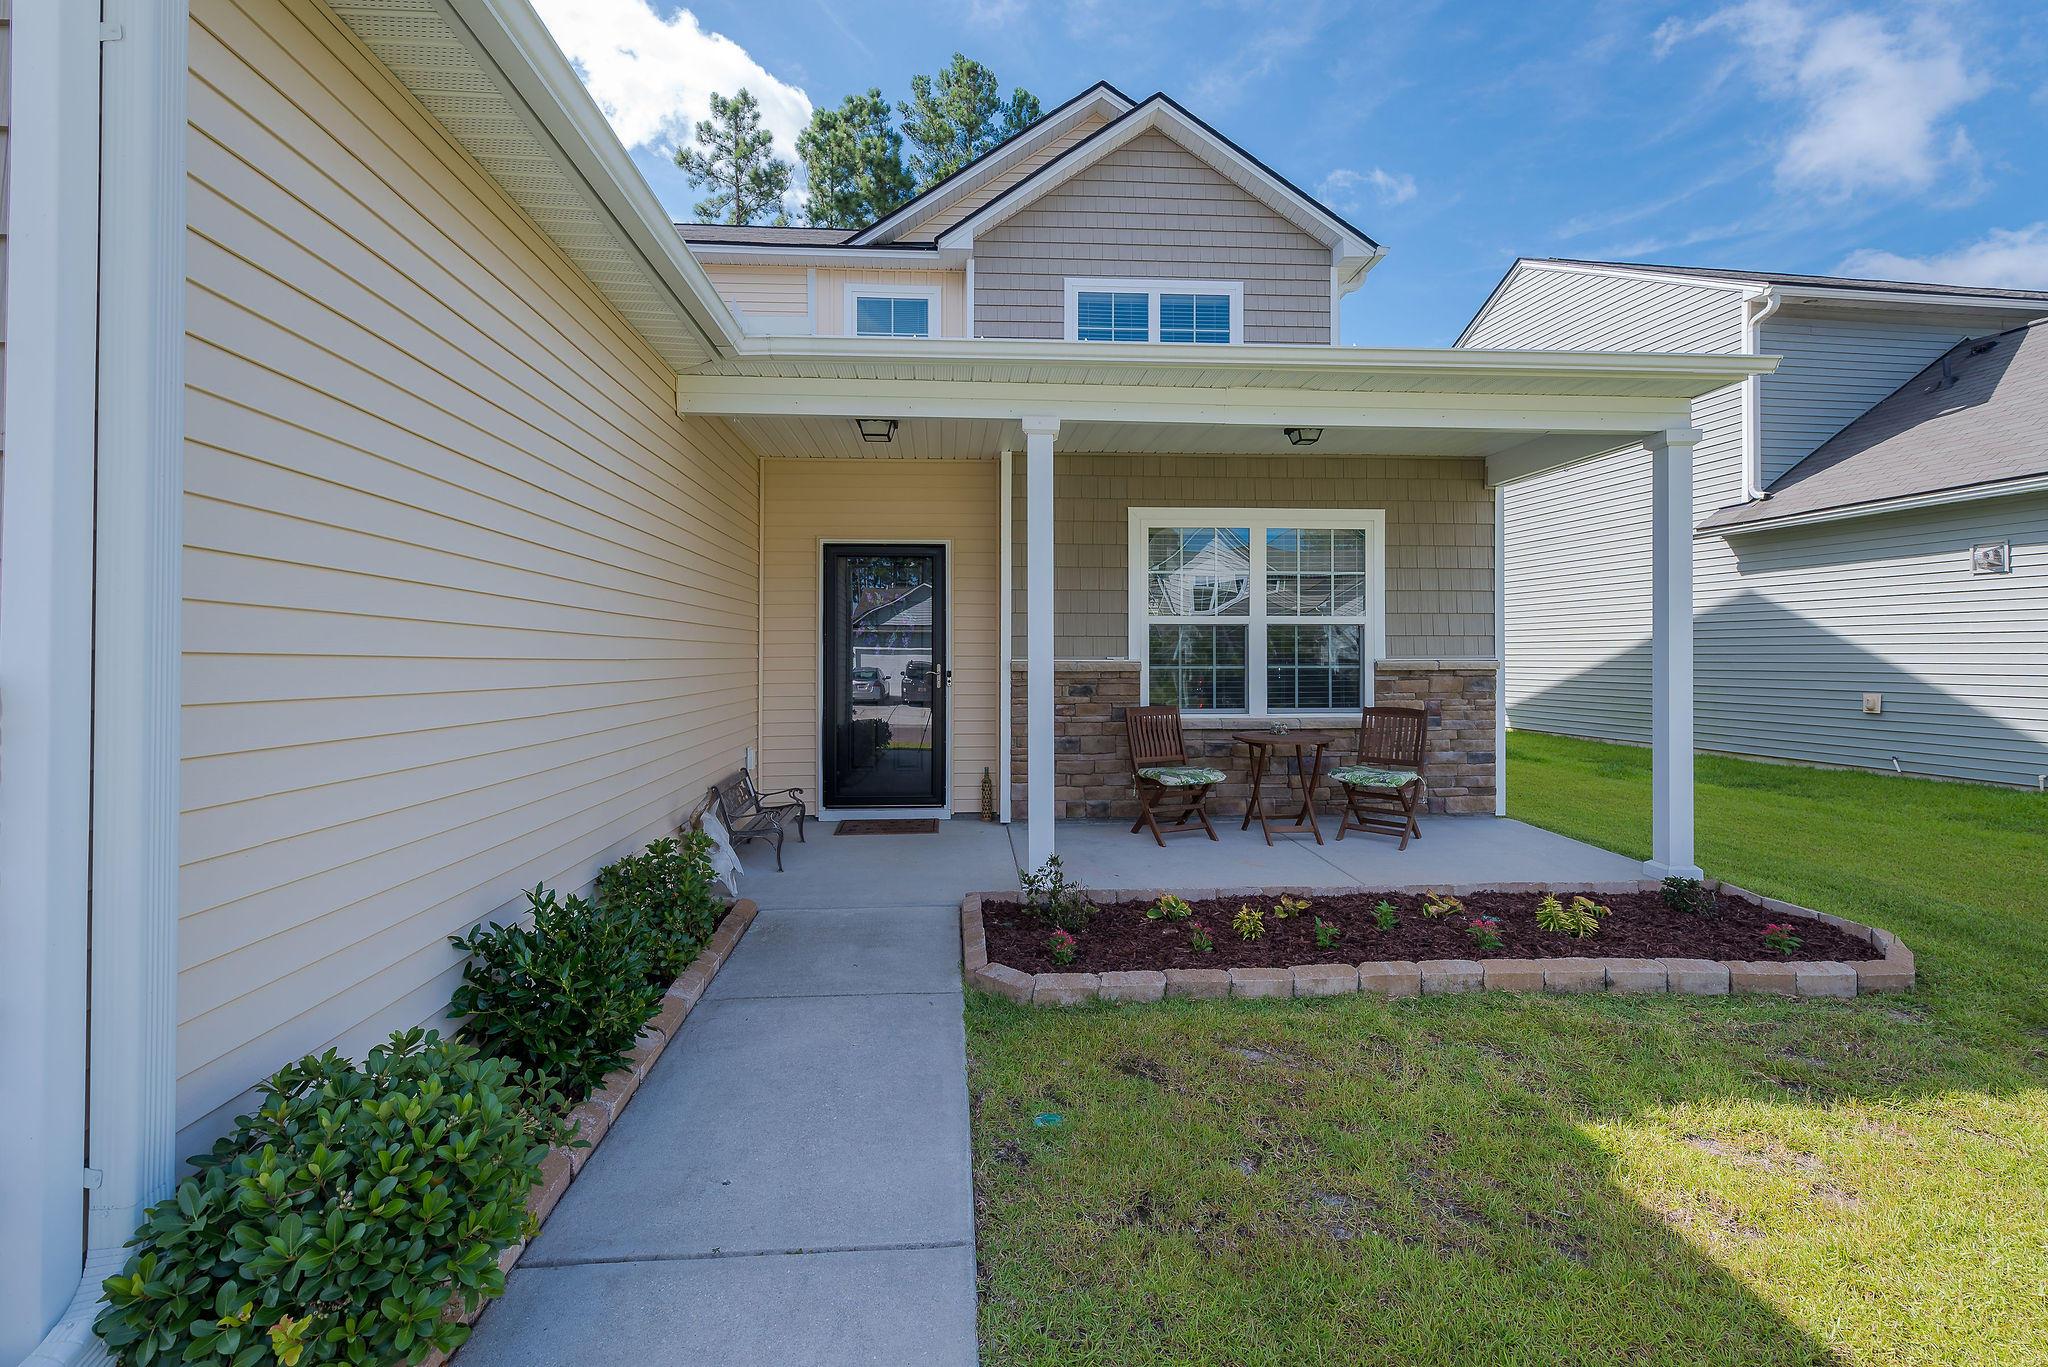 277 Decatur Drive Summerville, Sc 29486